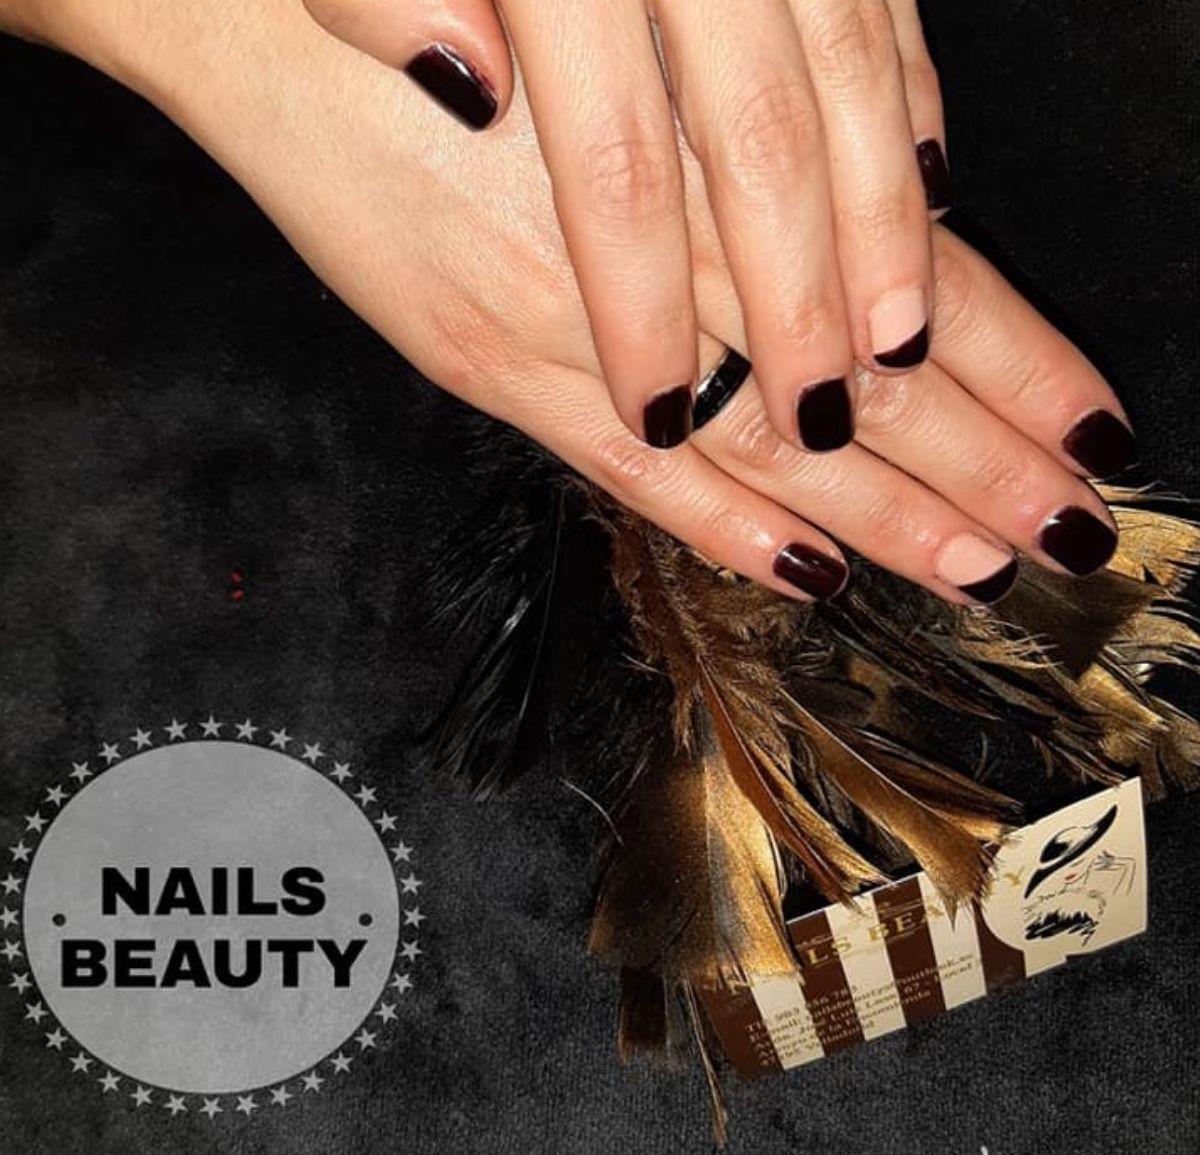 Foto 91 de Uñas esculpidas y de porcelana en Arroyo de la Encomienda | Nails Beauty